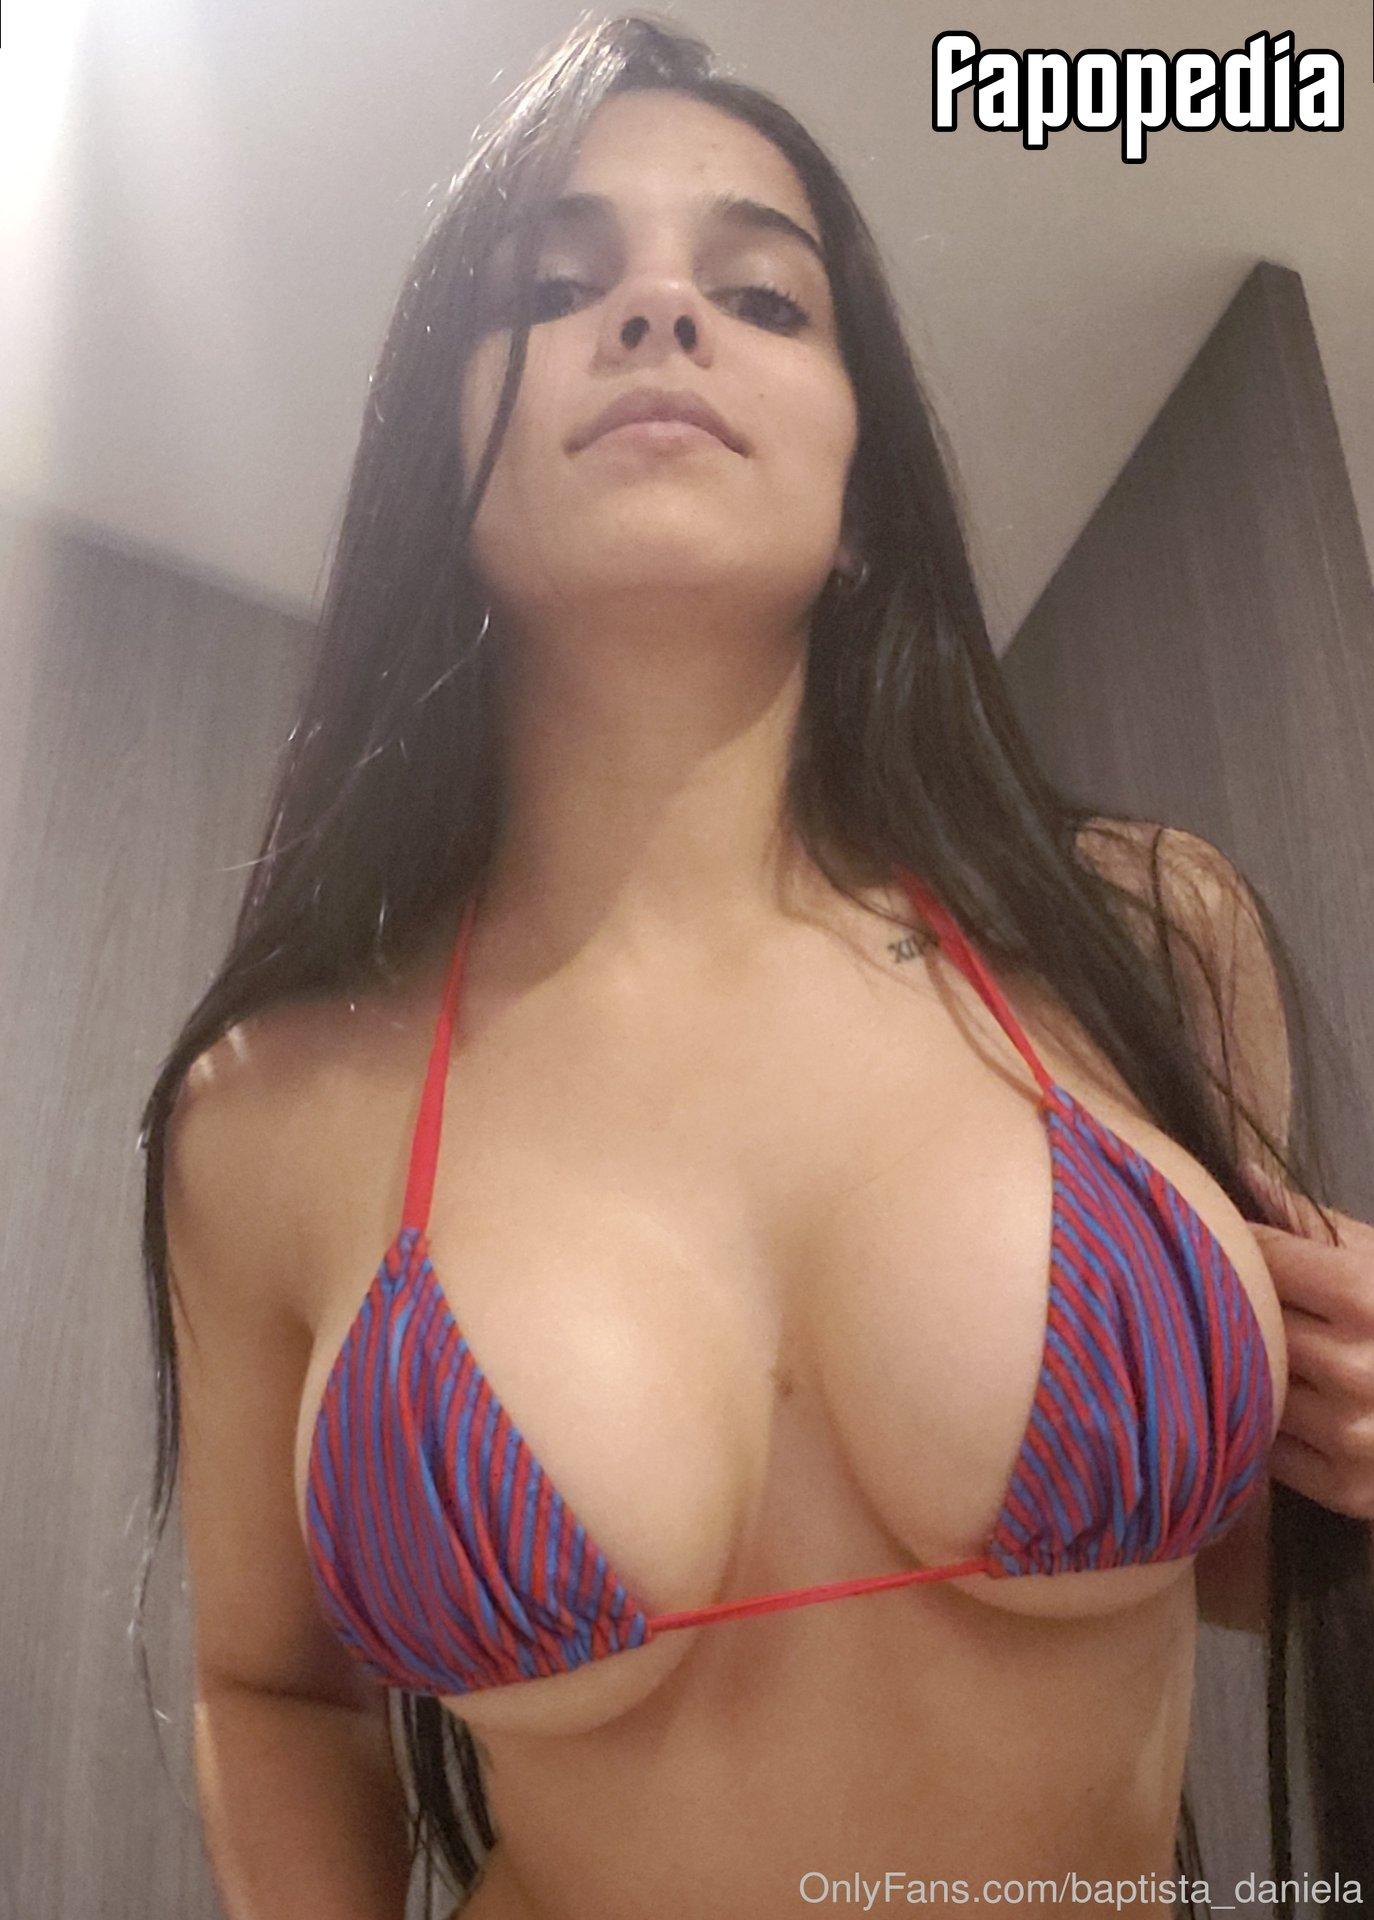 Baptista_daniela Nude OnlyFans Leaks